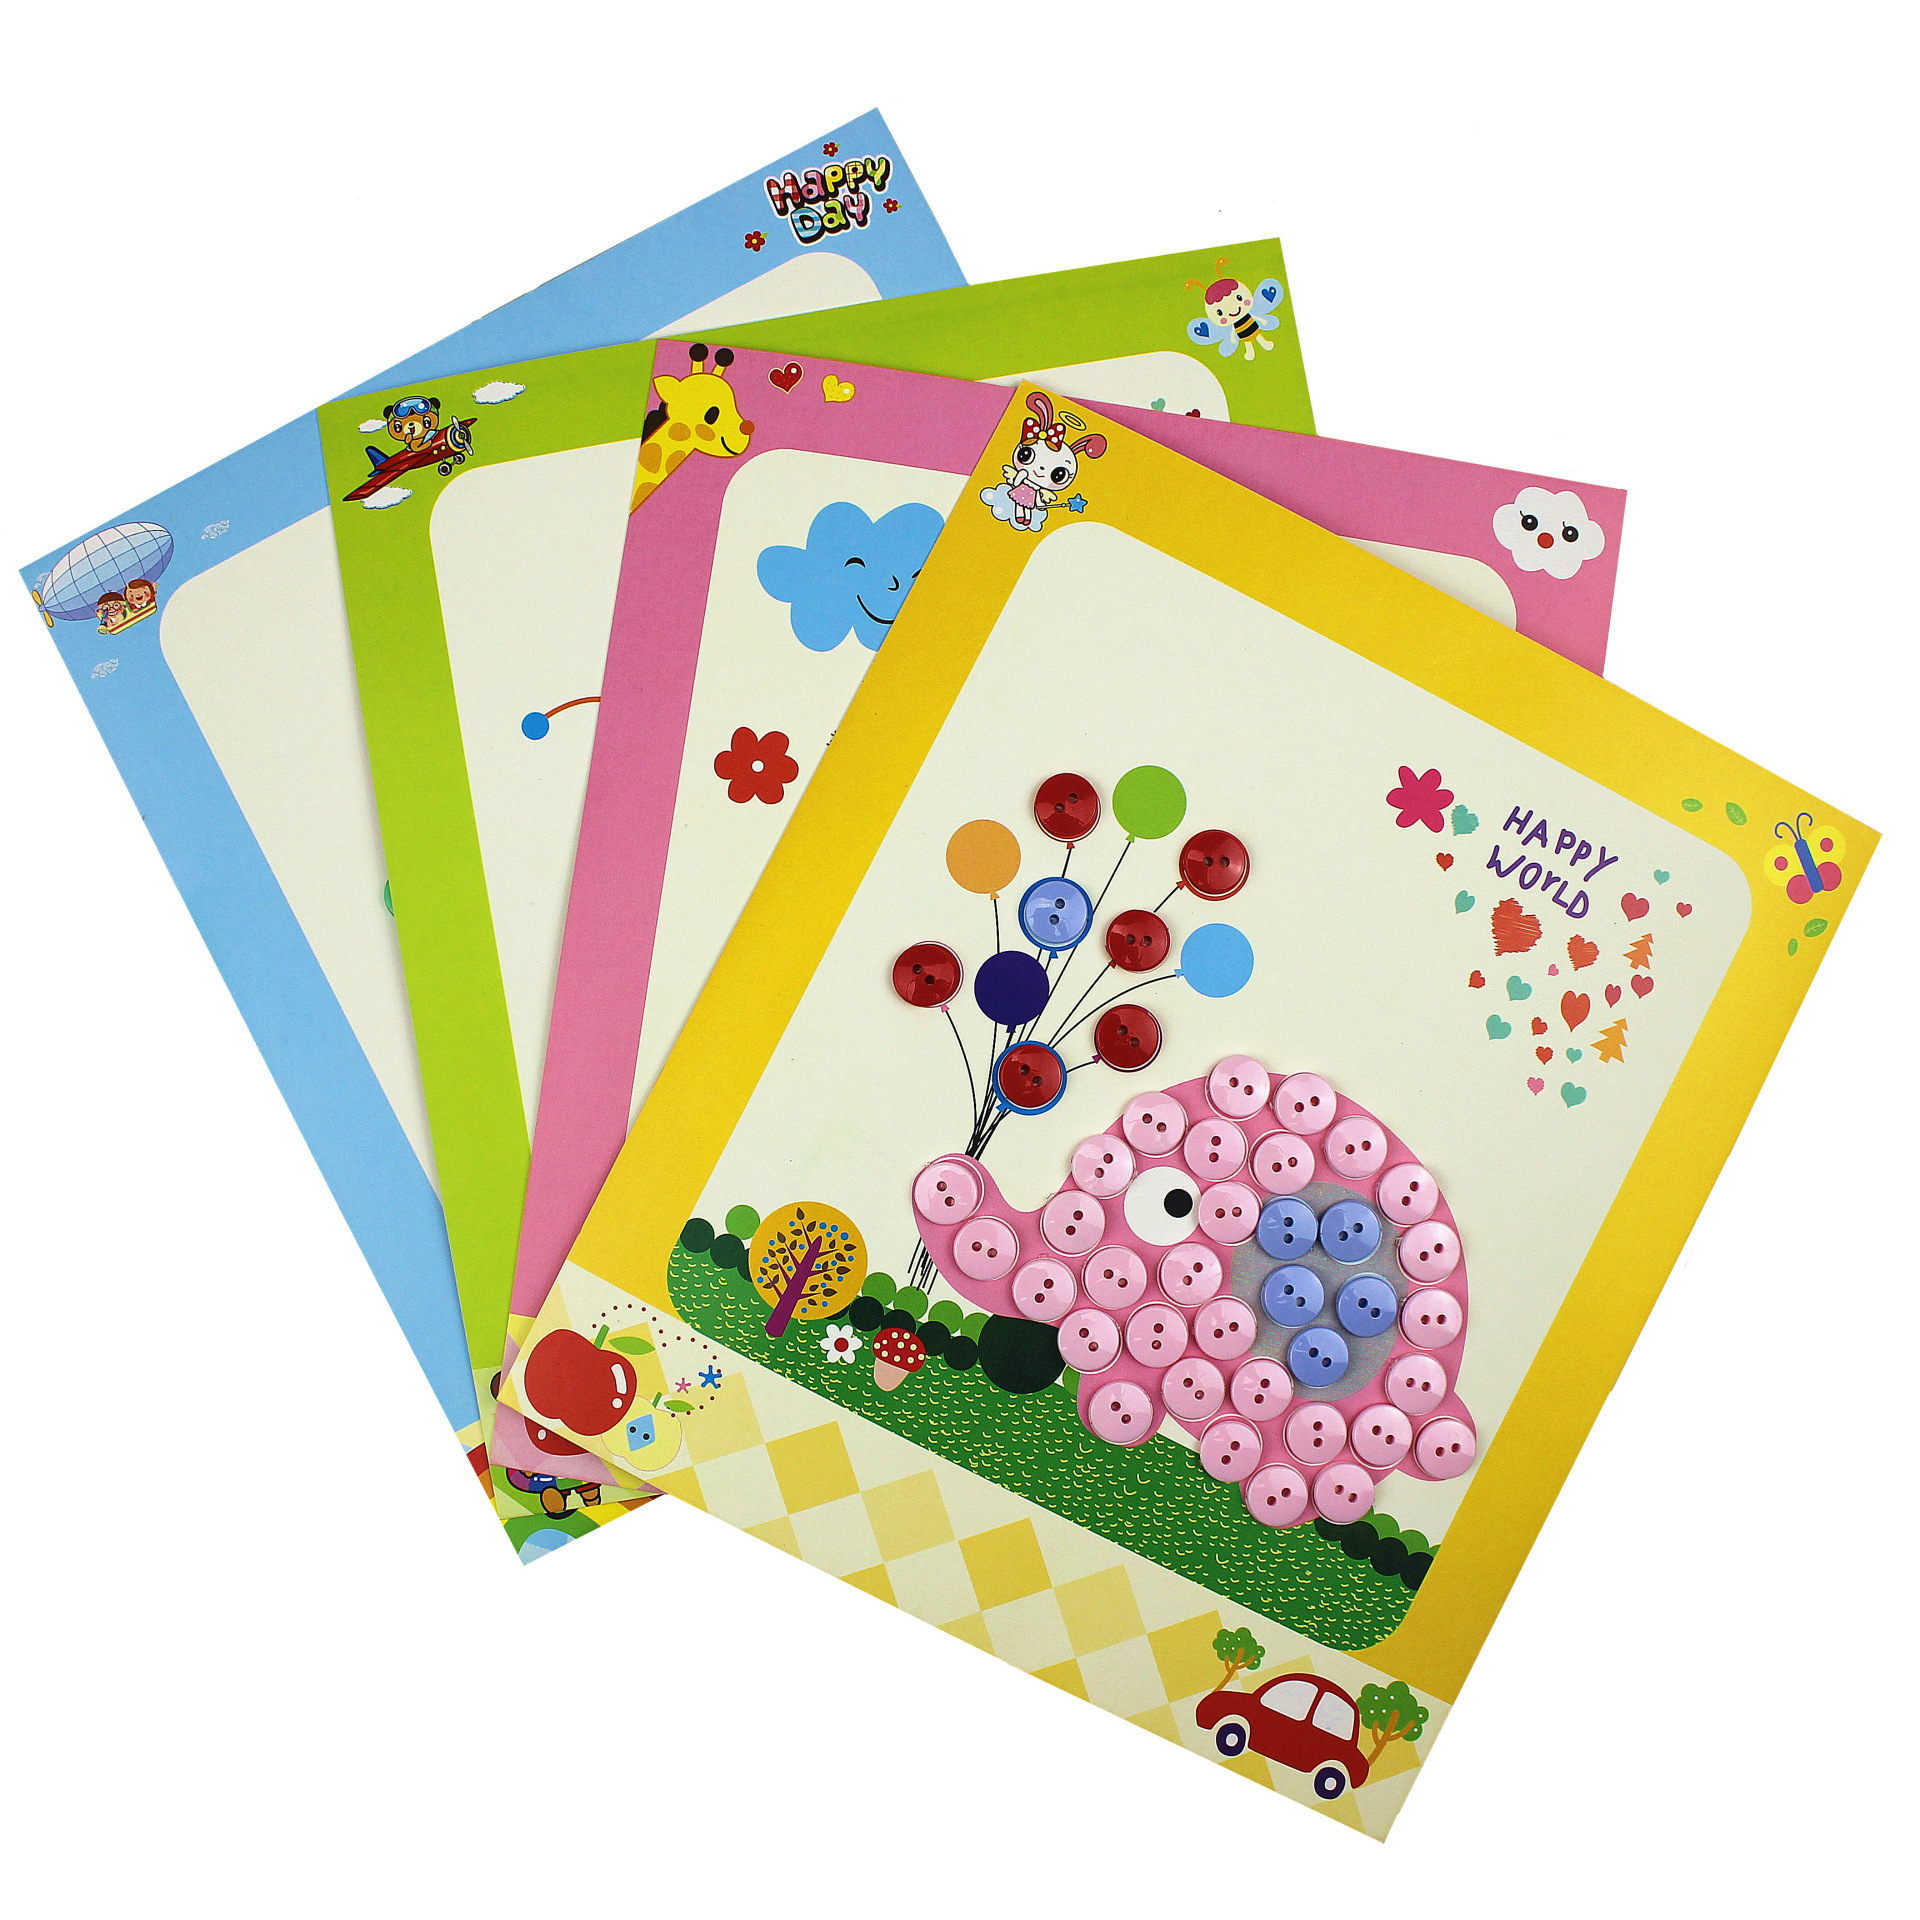 儿童纽扣画 幼儿园手工制作diy粘贴画材料包 益智玩具装饰扣子画